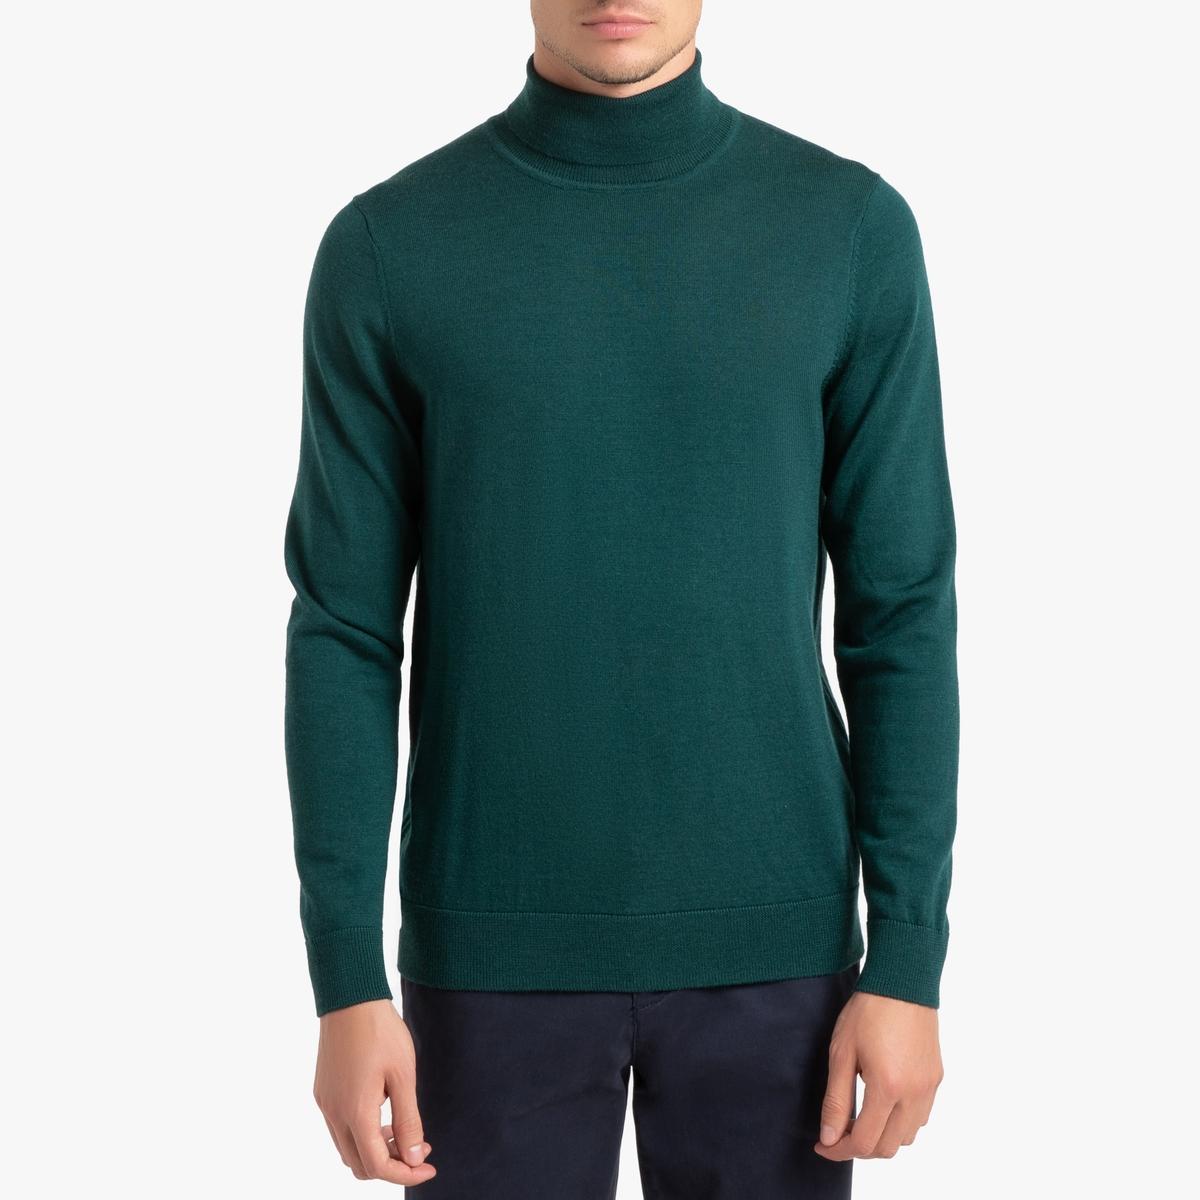 цена на Пуловер La Redoute С отворачивающимся воротником из шерсти мериноса Pascal M зеленый